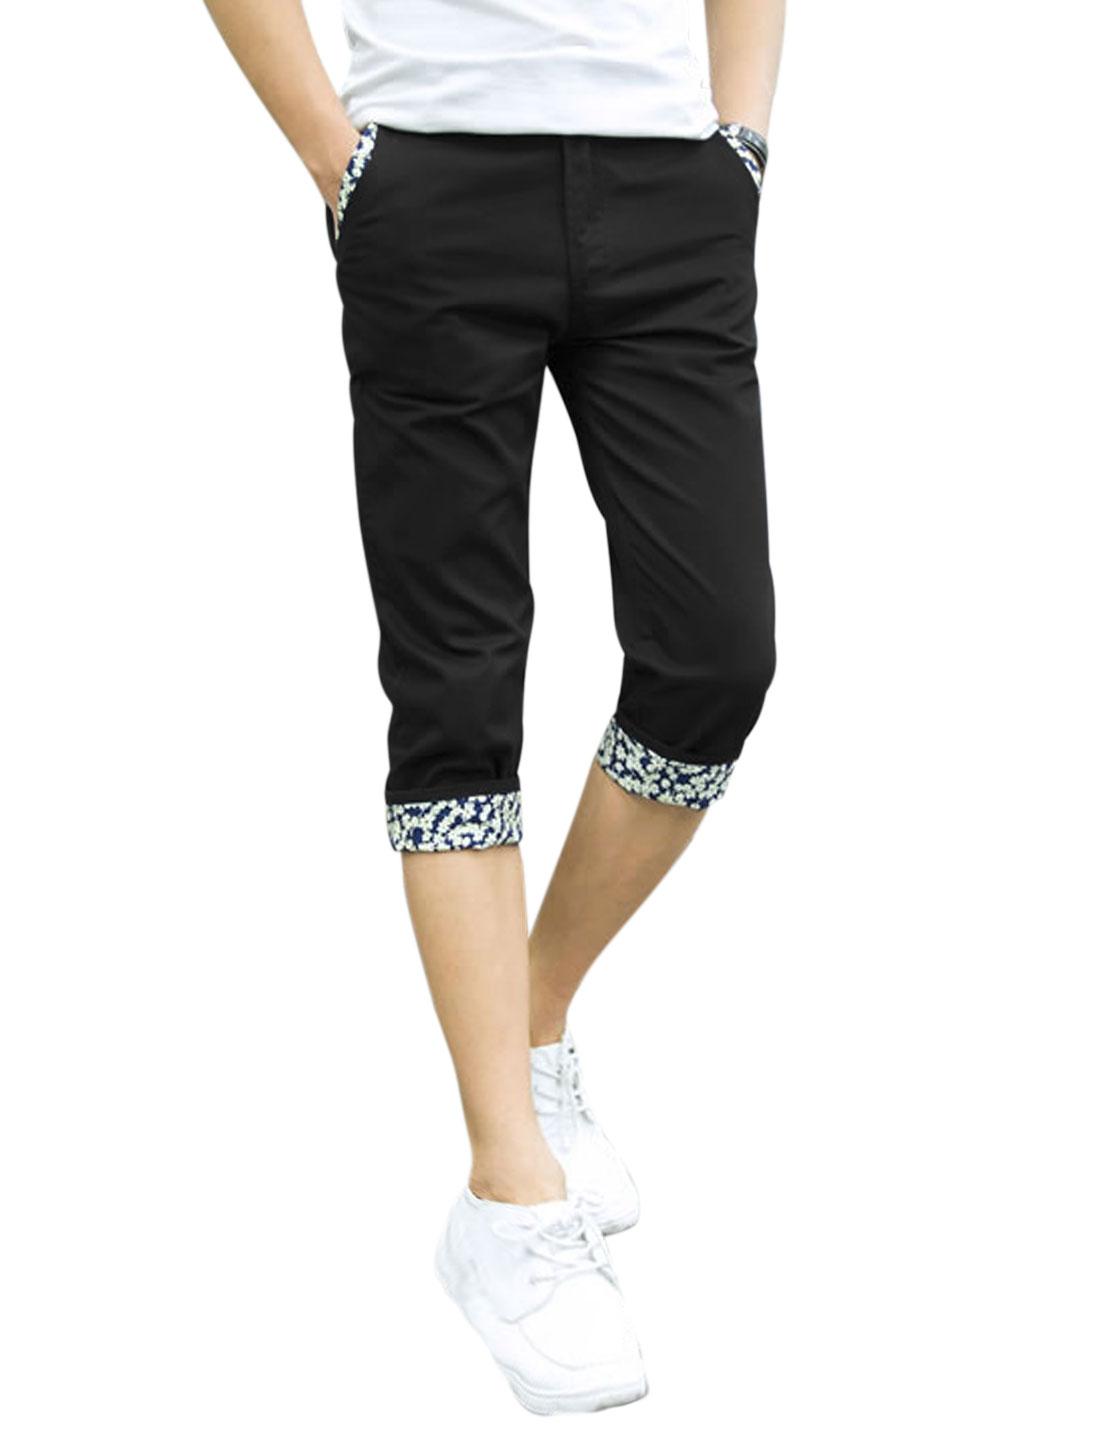 Men Mid Waist Button Closure Pockets Leisure Capris Pants Black W34